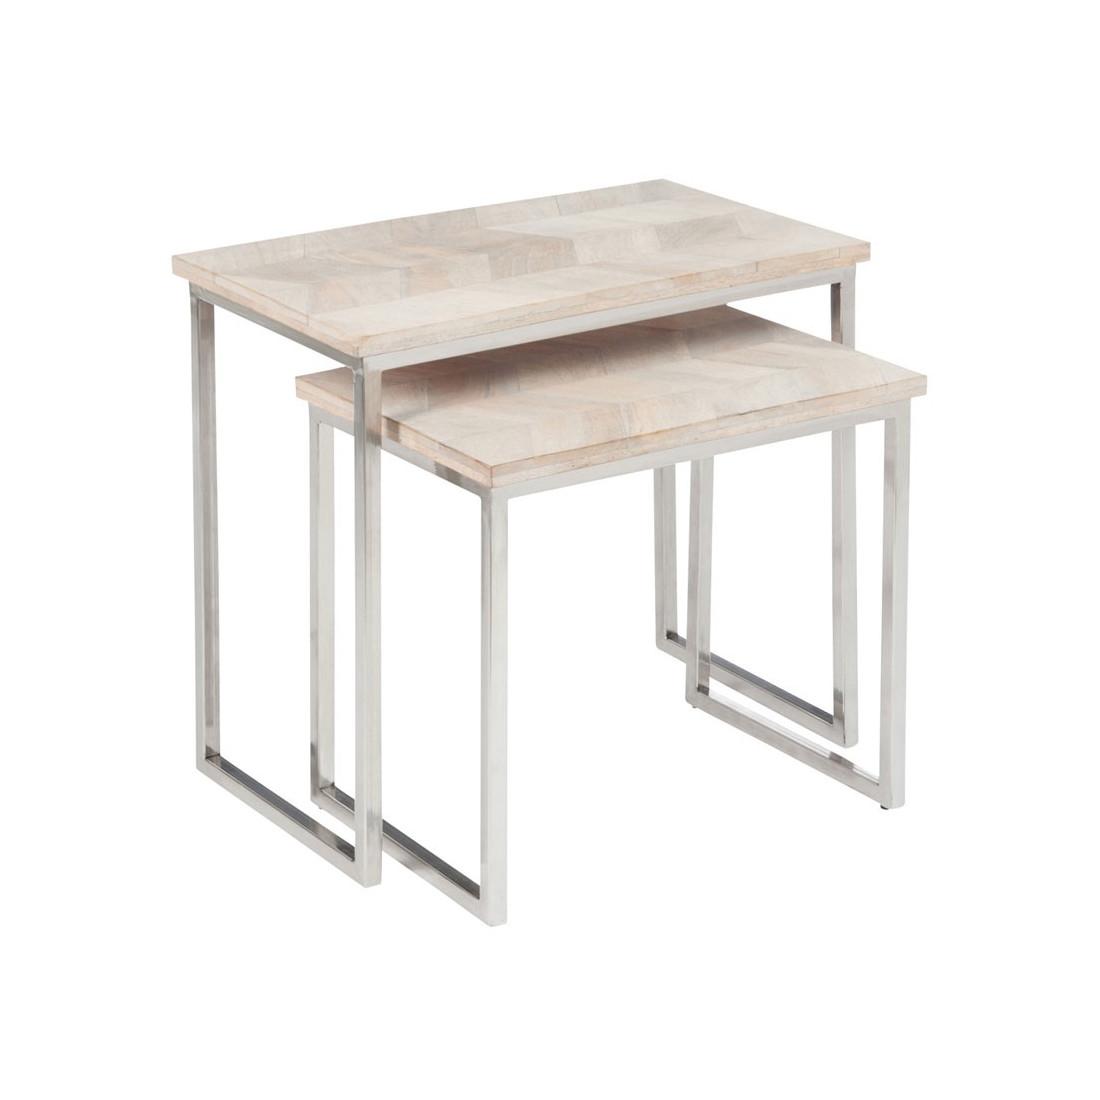 tables gigognes bois m tal chevy univers salon et petits meubles. Black Bedroom Furniture Sets. Home Design Ideas